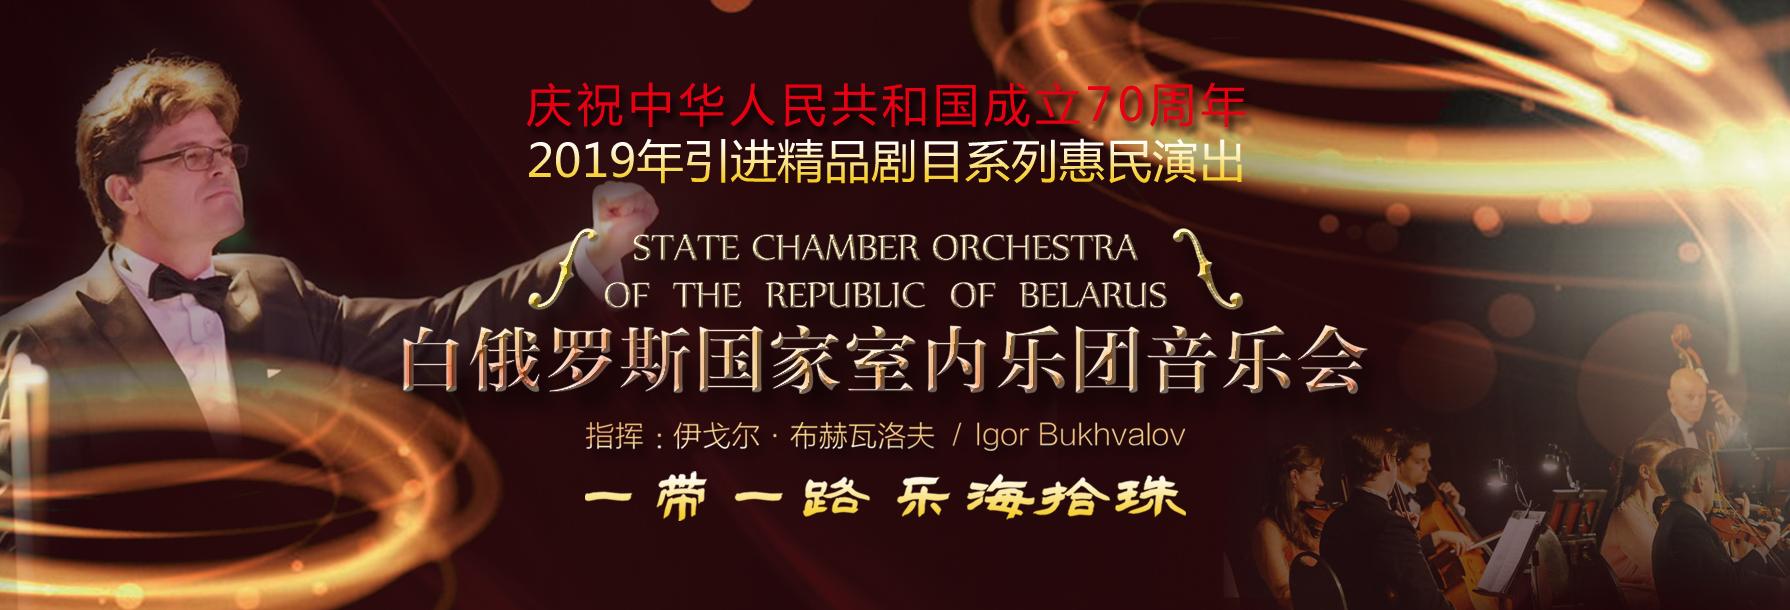 白俄罗斯国家室内乐团音乐会